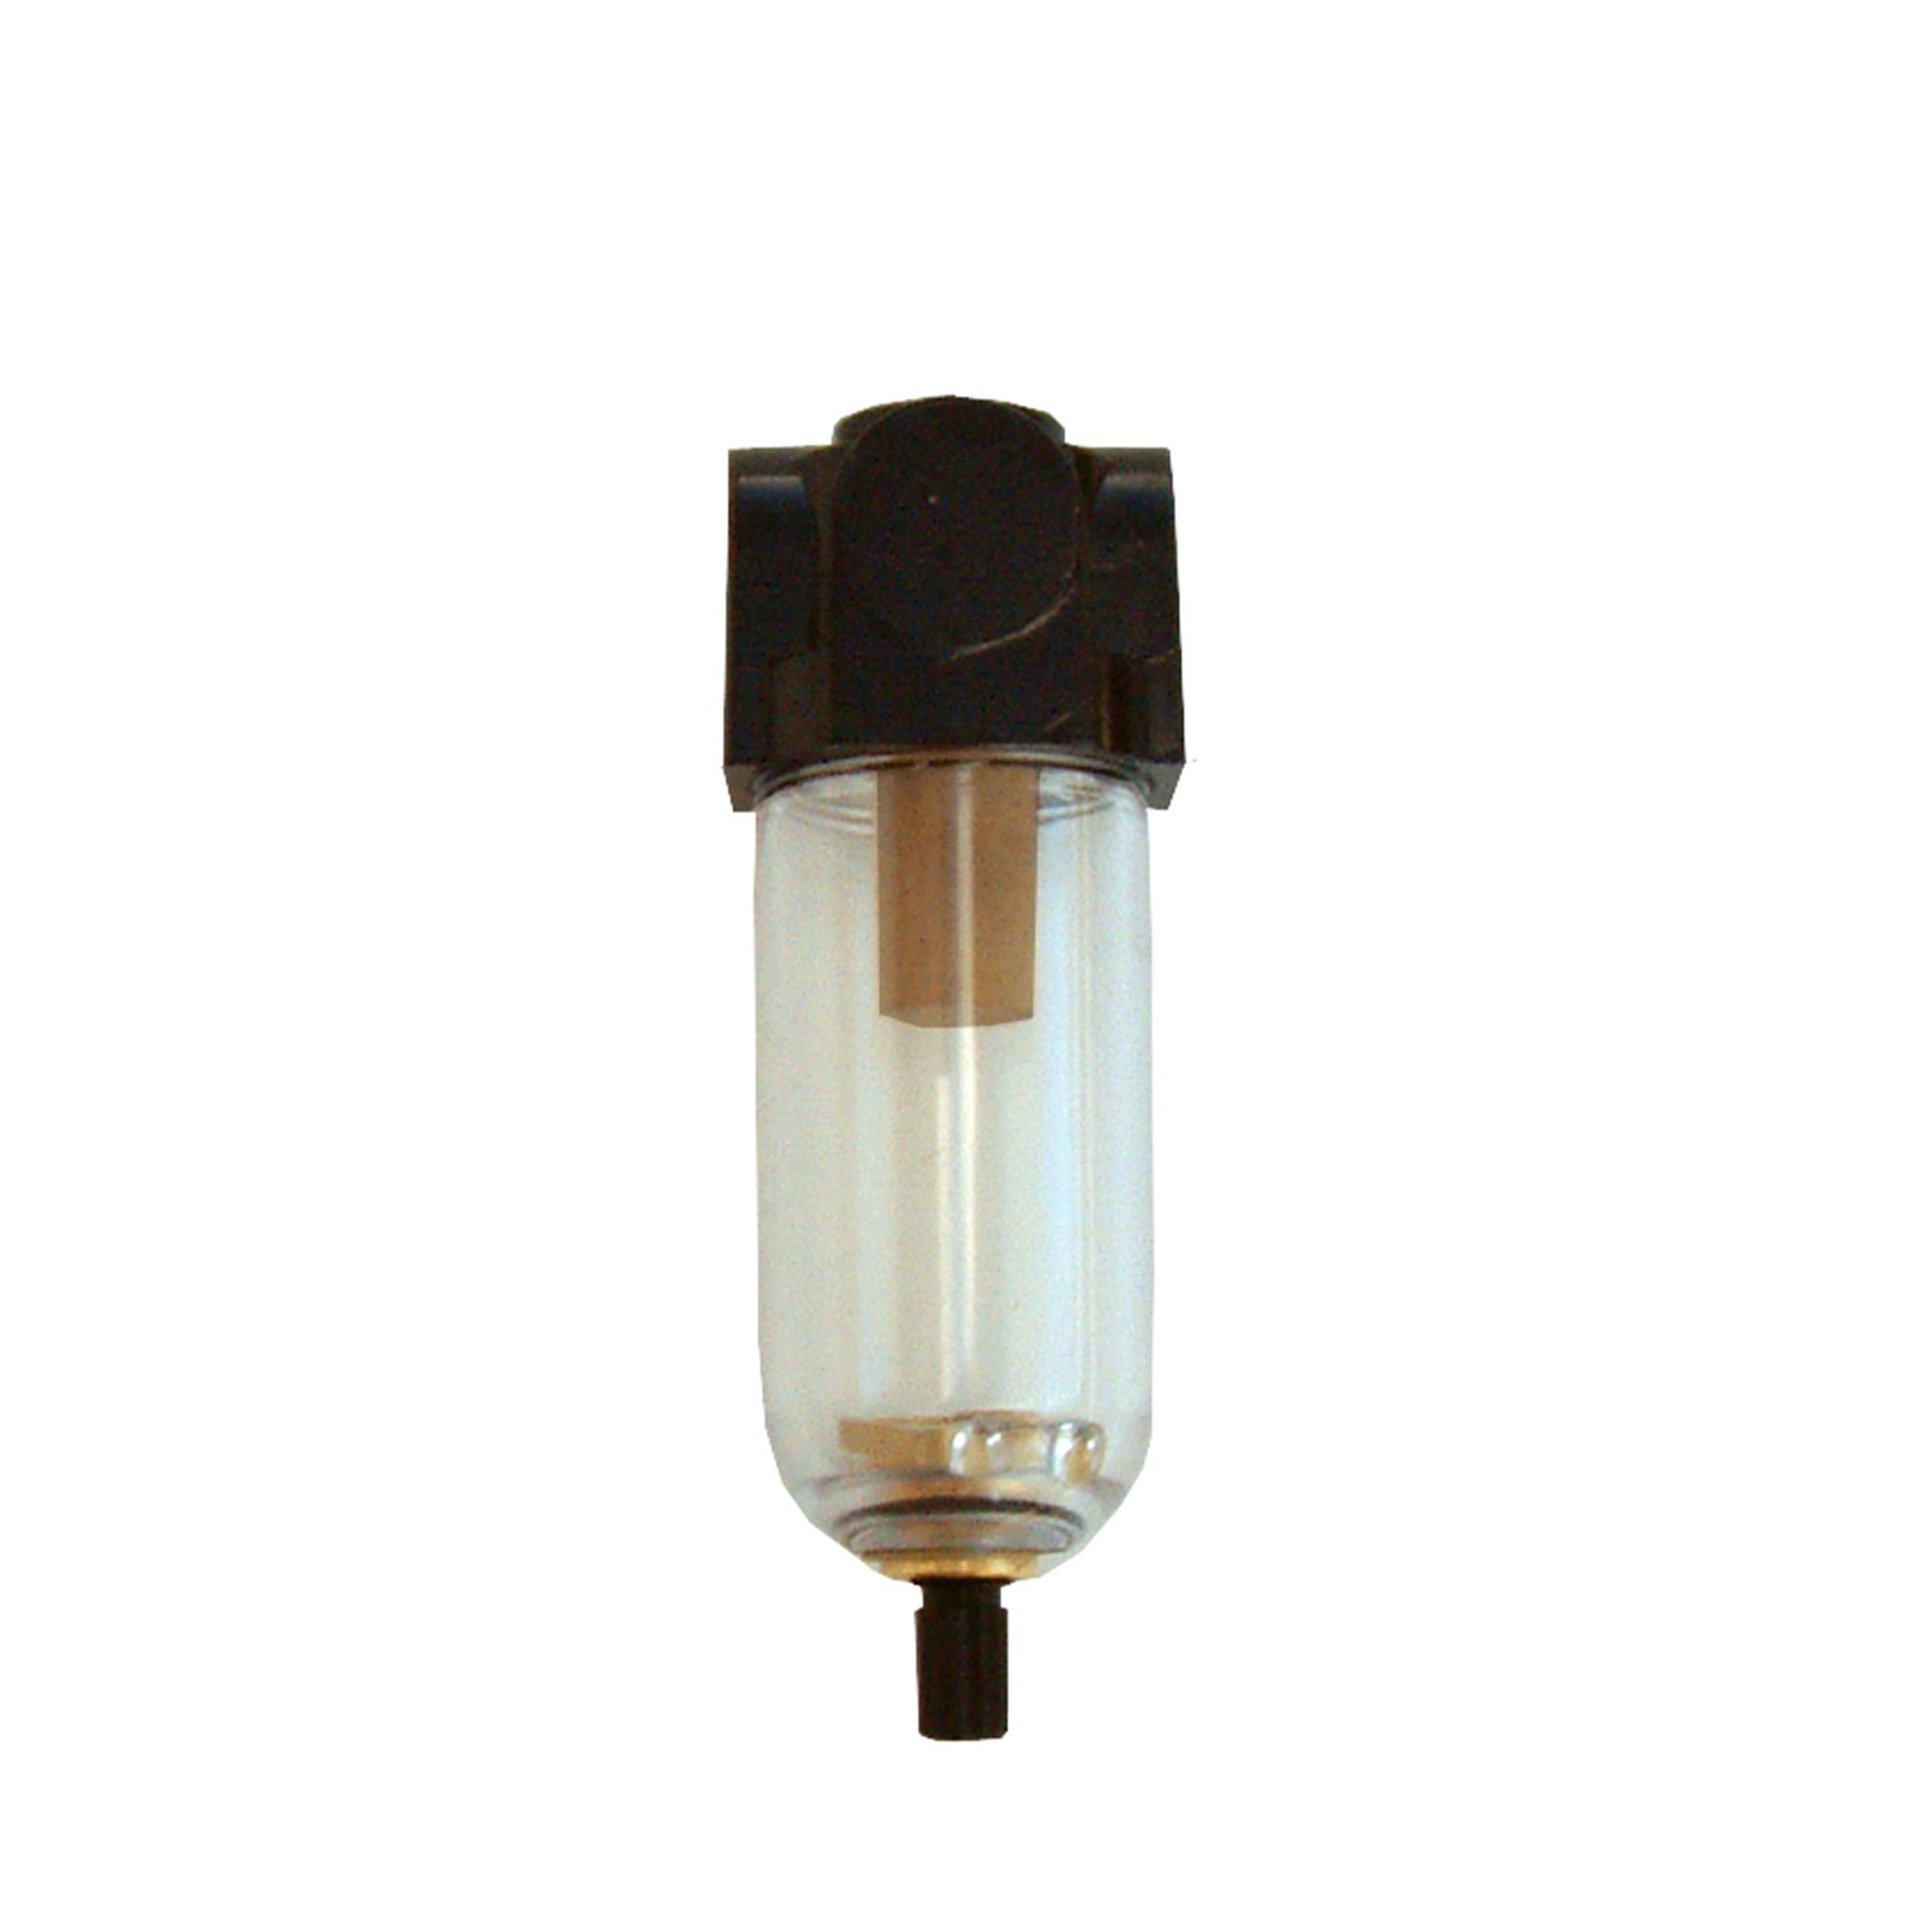 Model 9003 1/4 NPT Manual Drain Filter Separator